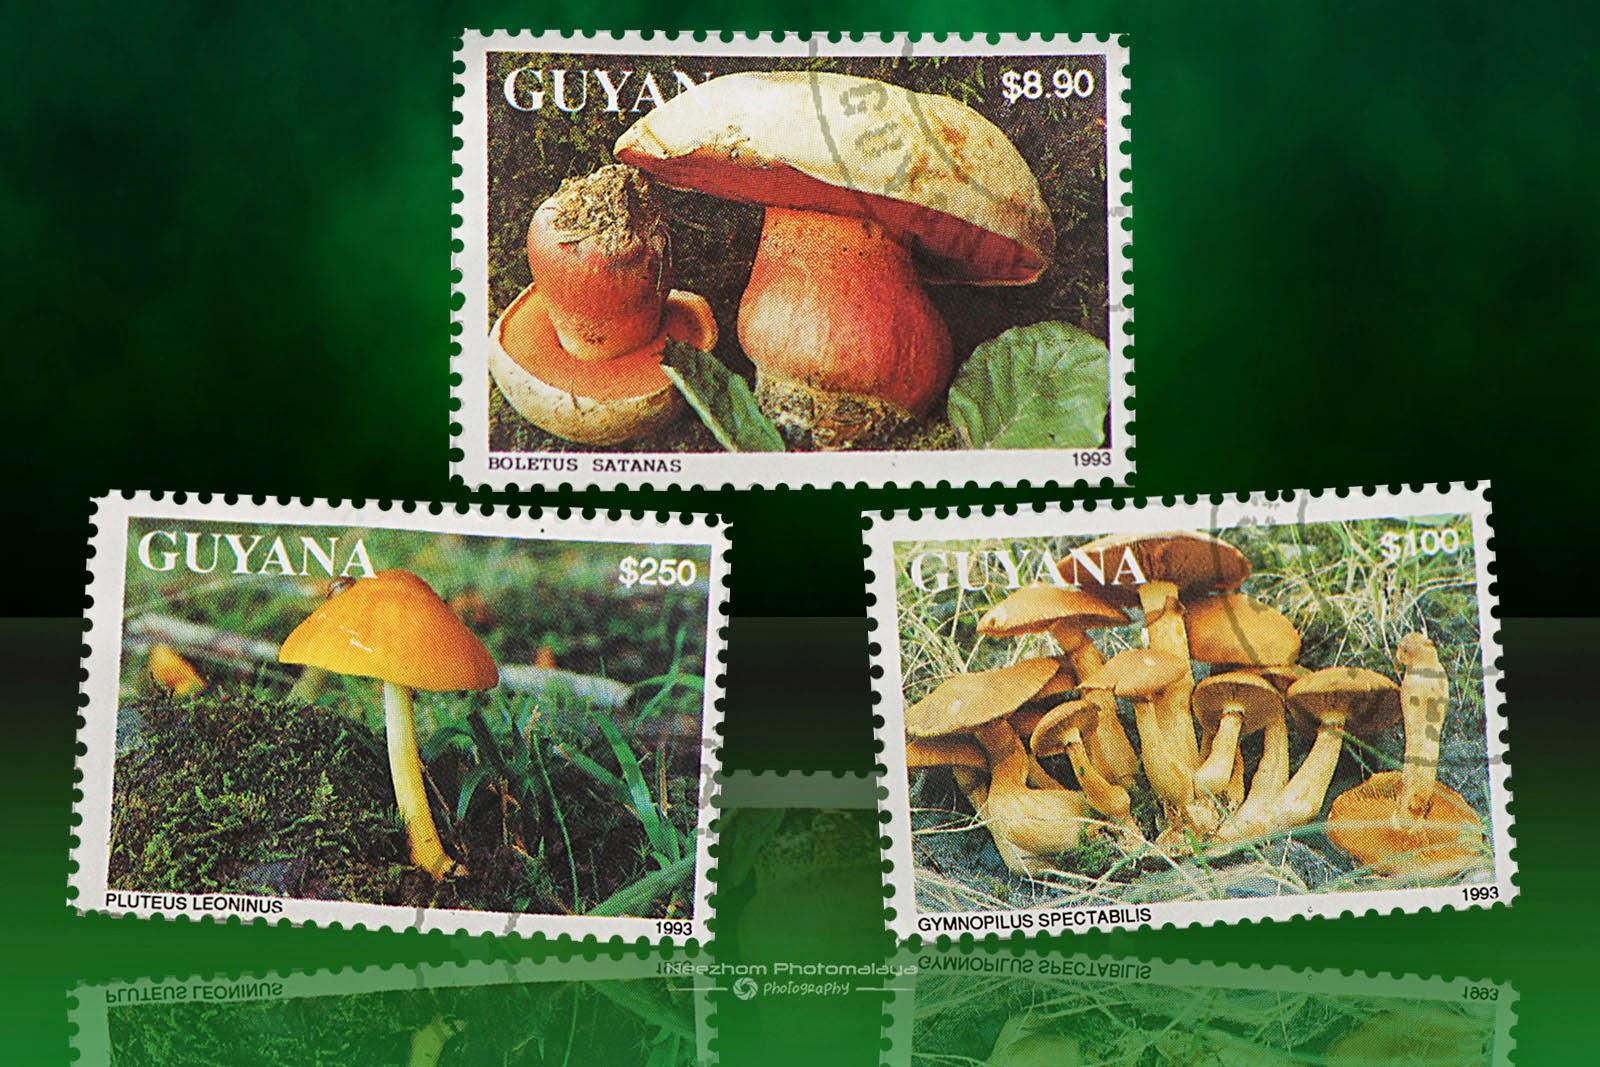 Guyana mushrooms stamps 1993